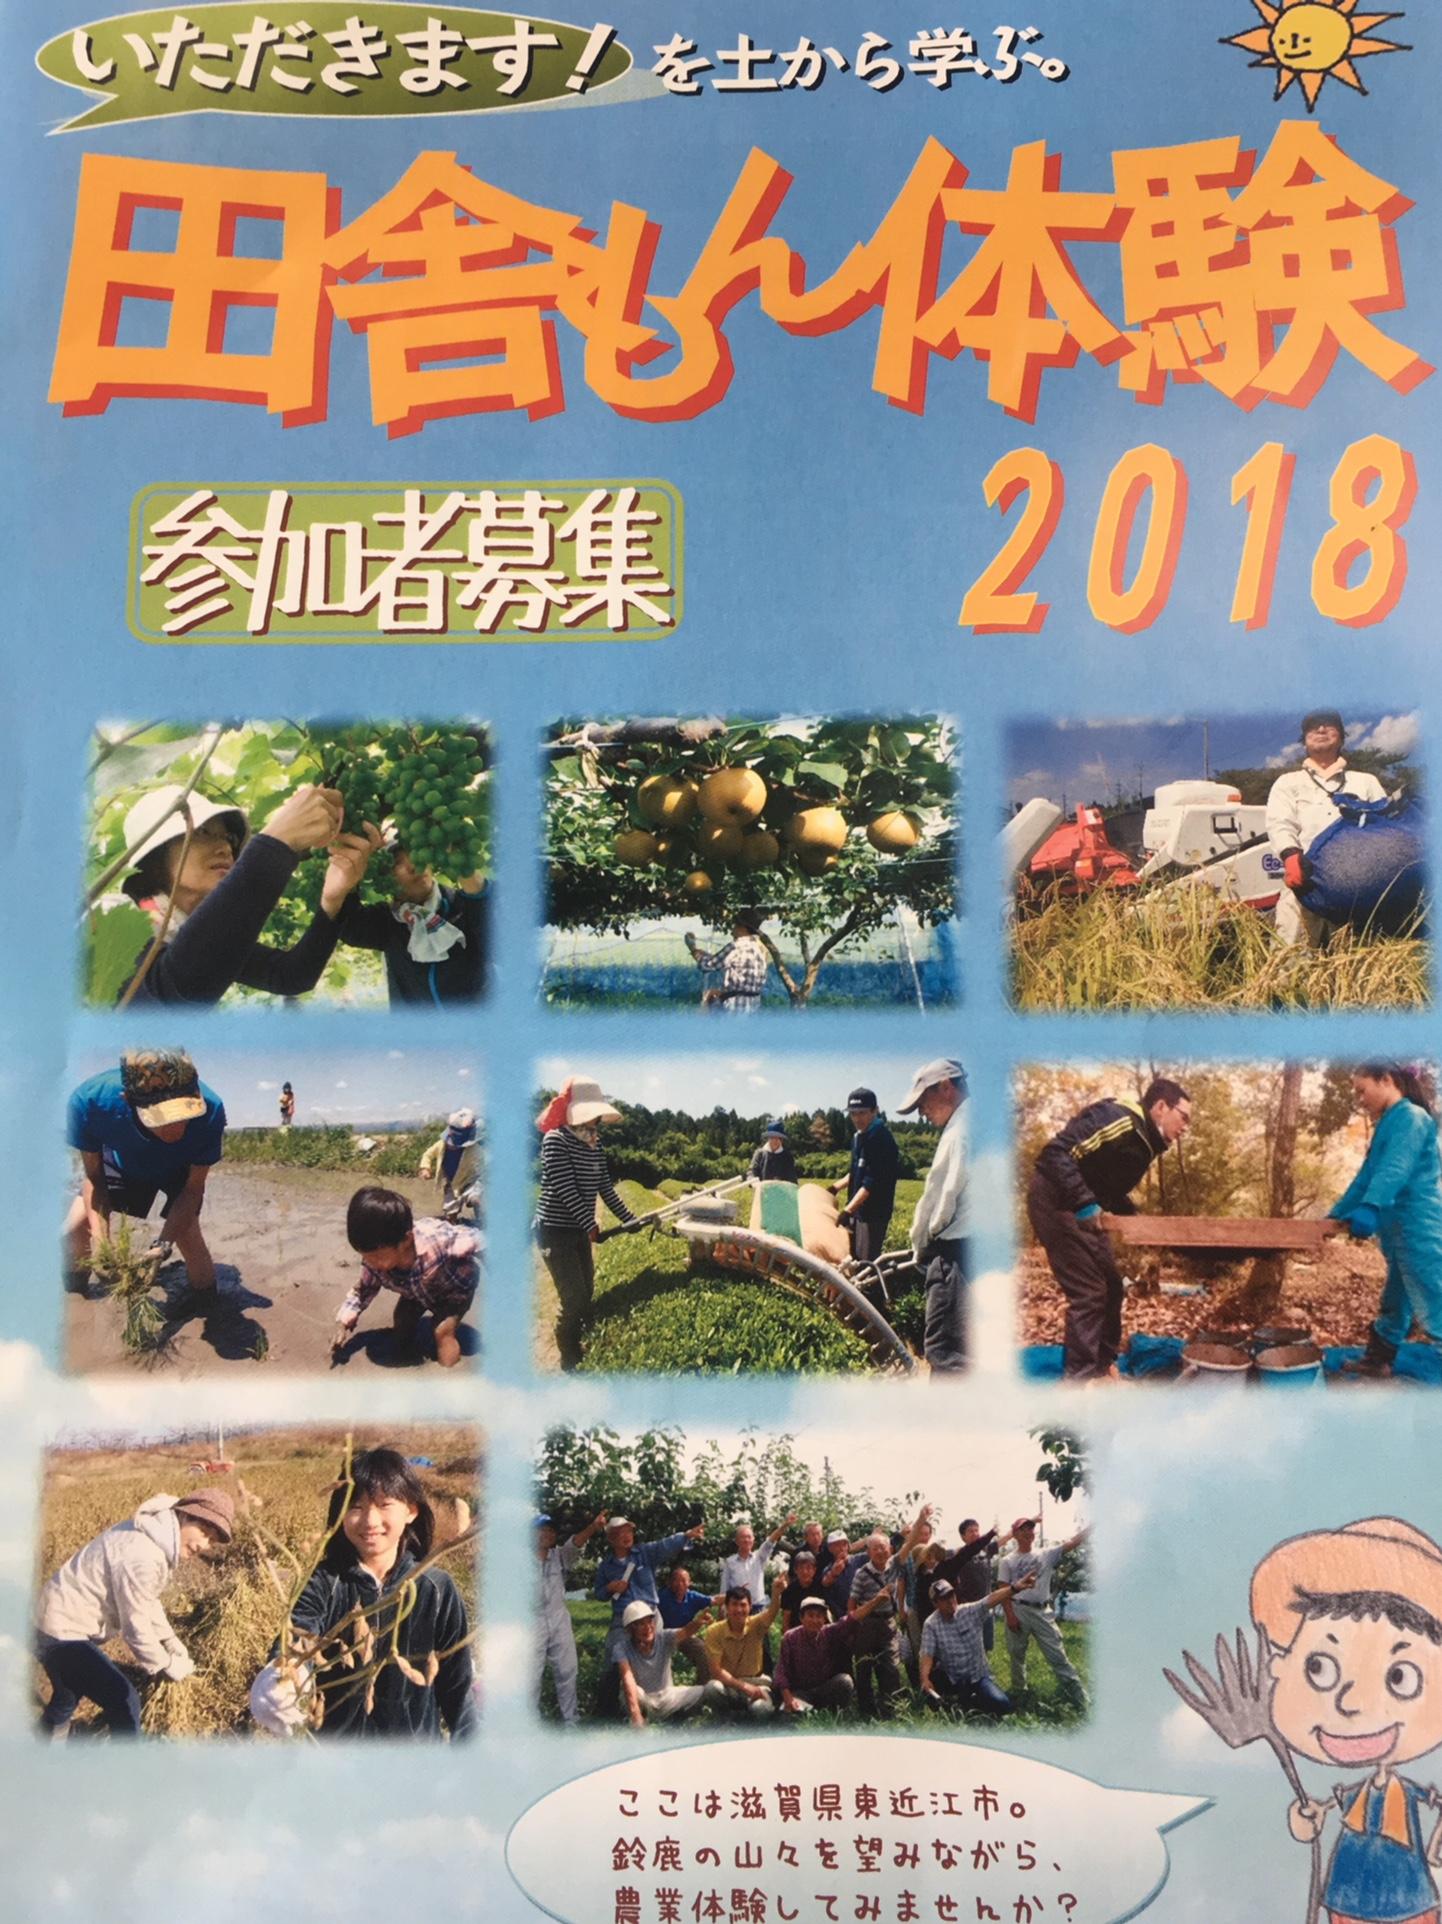 来年度のパンフレットできました!田舎もん体験2018